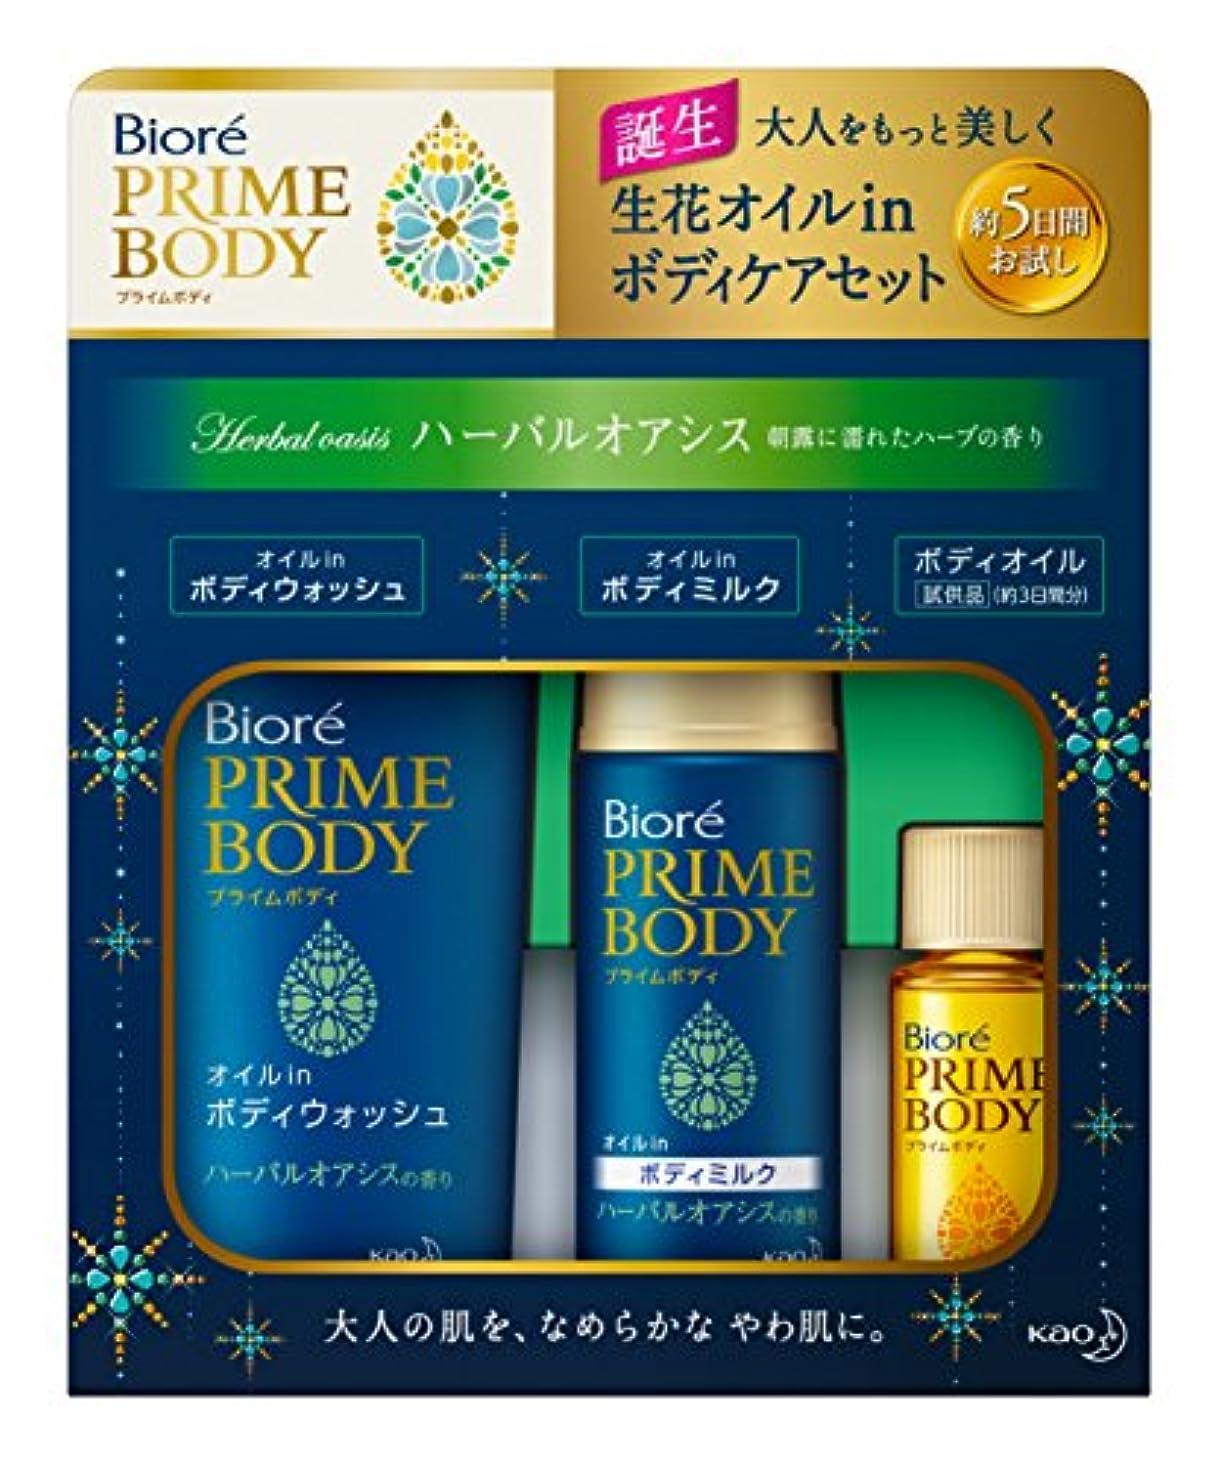 拡大する農学検査官ビオレ プライムボディ 5日間お試しセット ハーバルオアシスの香り 83ml